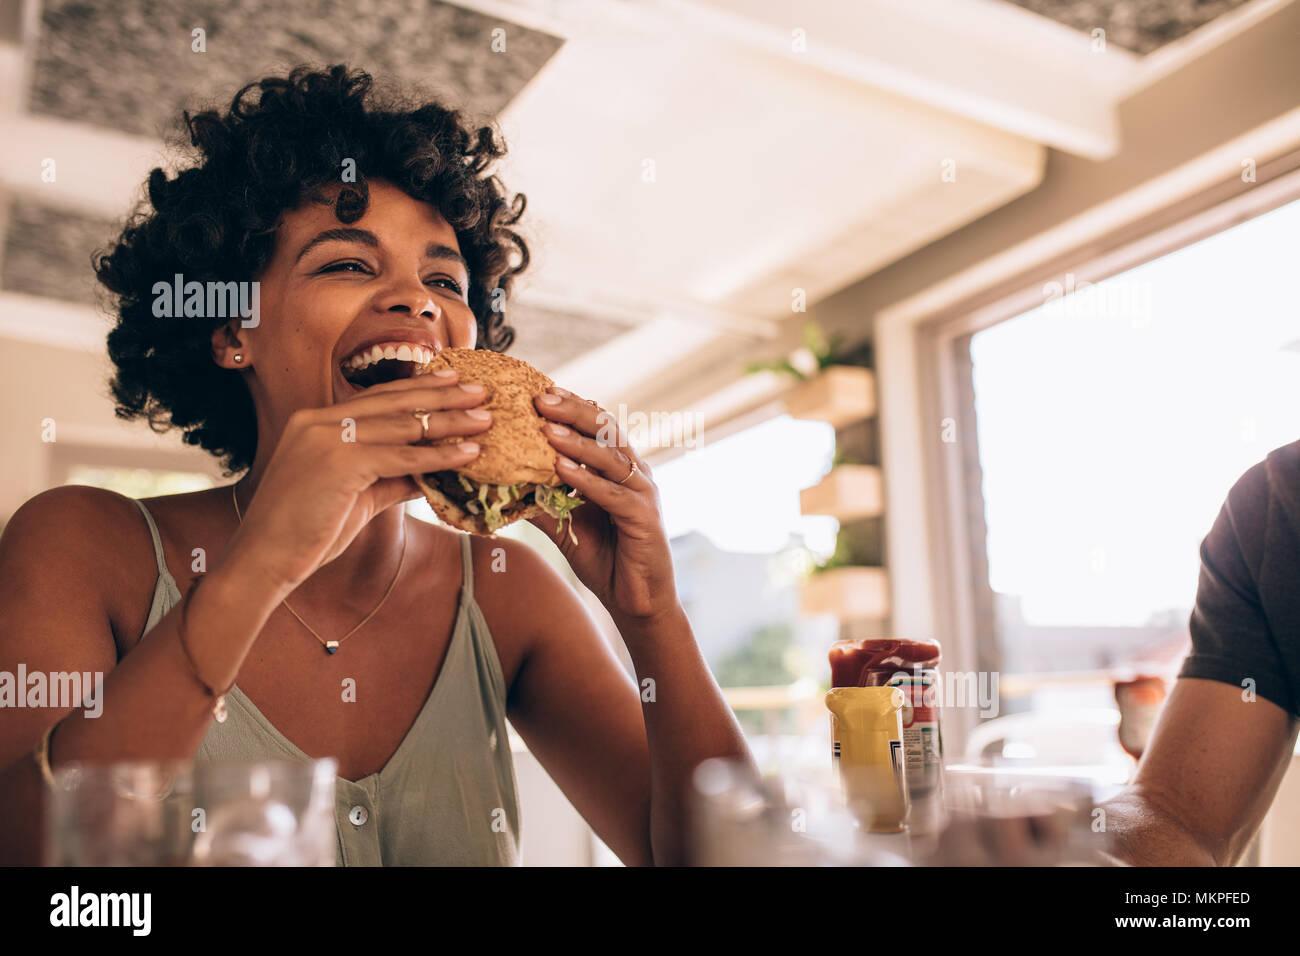 Afrikanische Frau Burger essen im Restaurant mit Freunden stack. Glückliche junge Frau mit Junk Food im Cafe mit Freunden. Stockbild